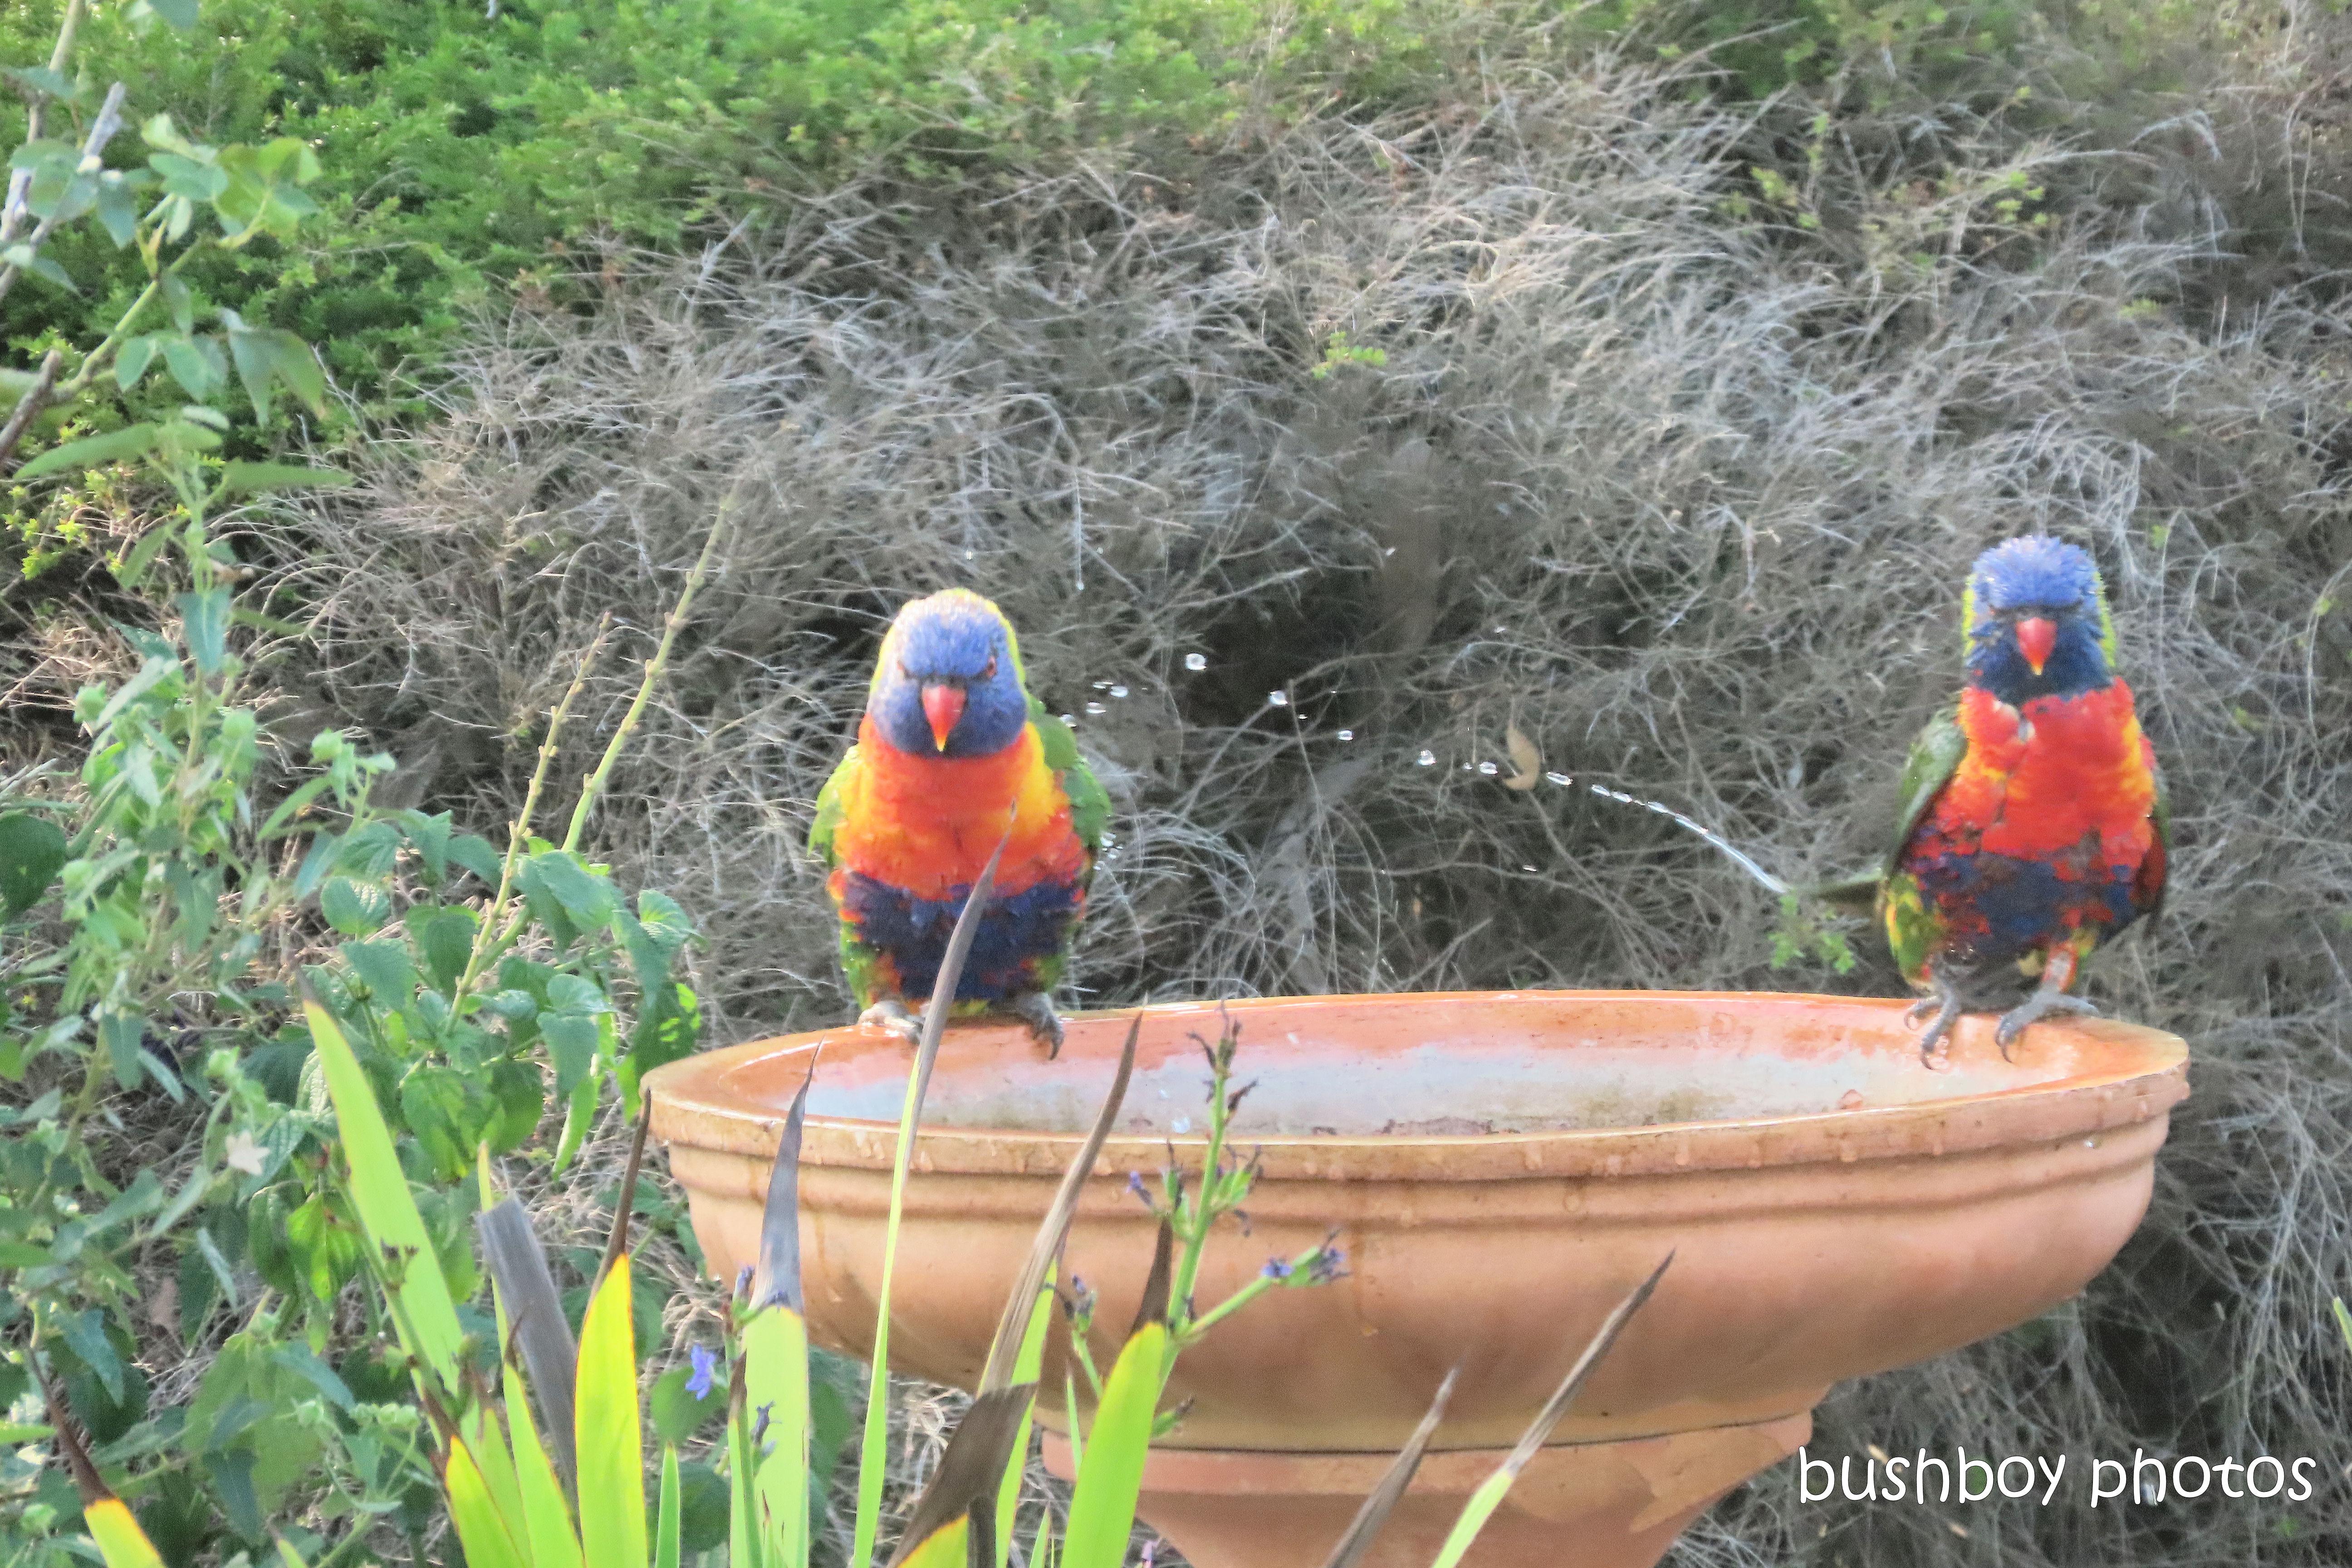 rainbow_lorikeets_bird_bath_fun_splash6_named_caniaba_oct 2019